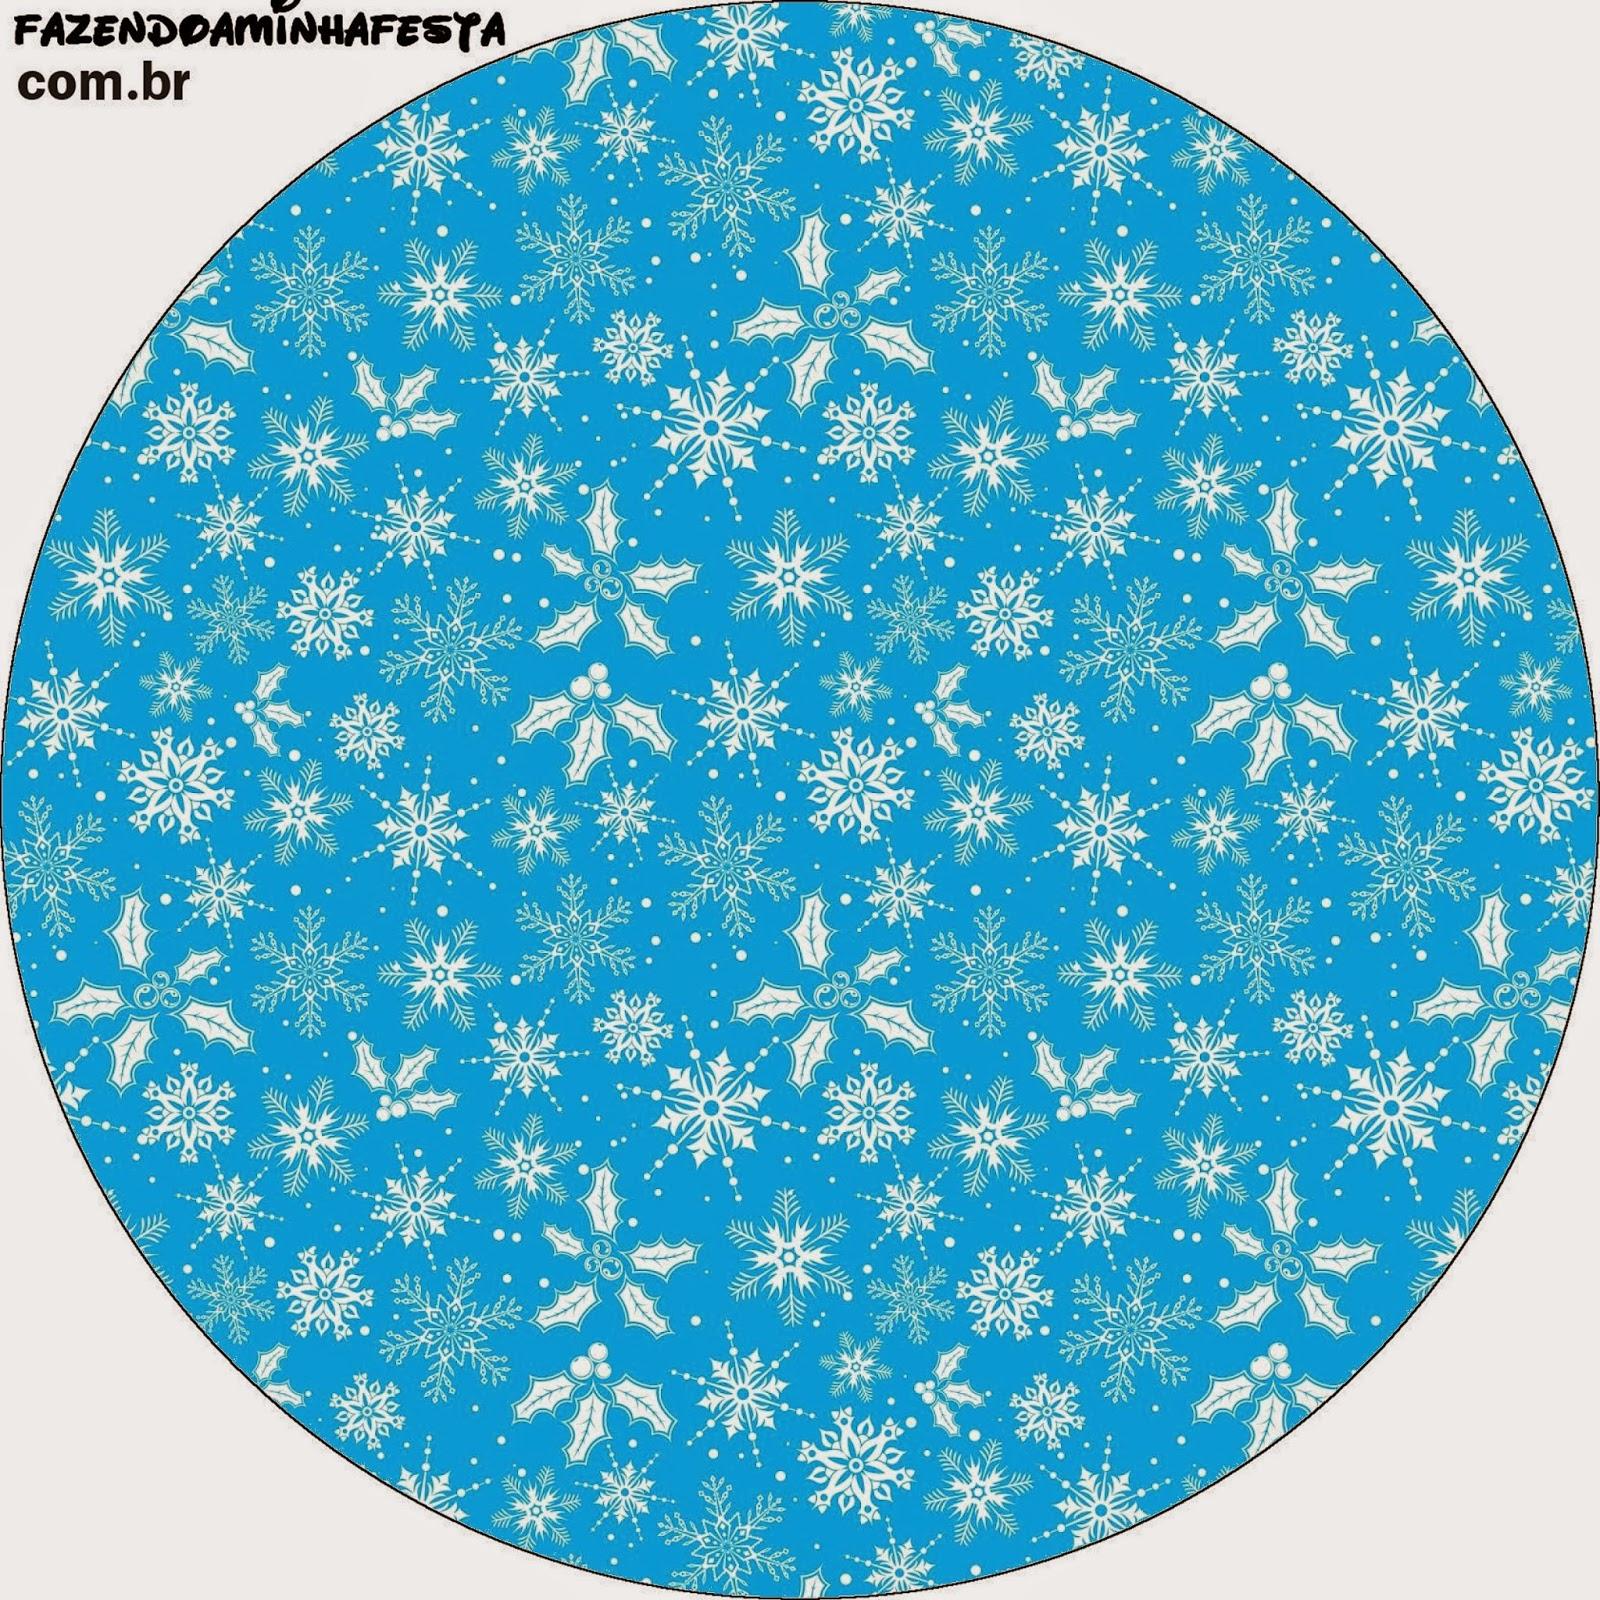 Etiquetas de Frozen en Morado y Celeste para Navidad para imprimir gratis. Toppers o etiquetas de Frozen en Morado y Celeste para Navidad para imprimir gratis.